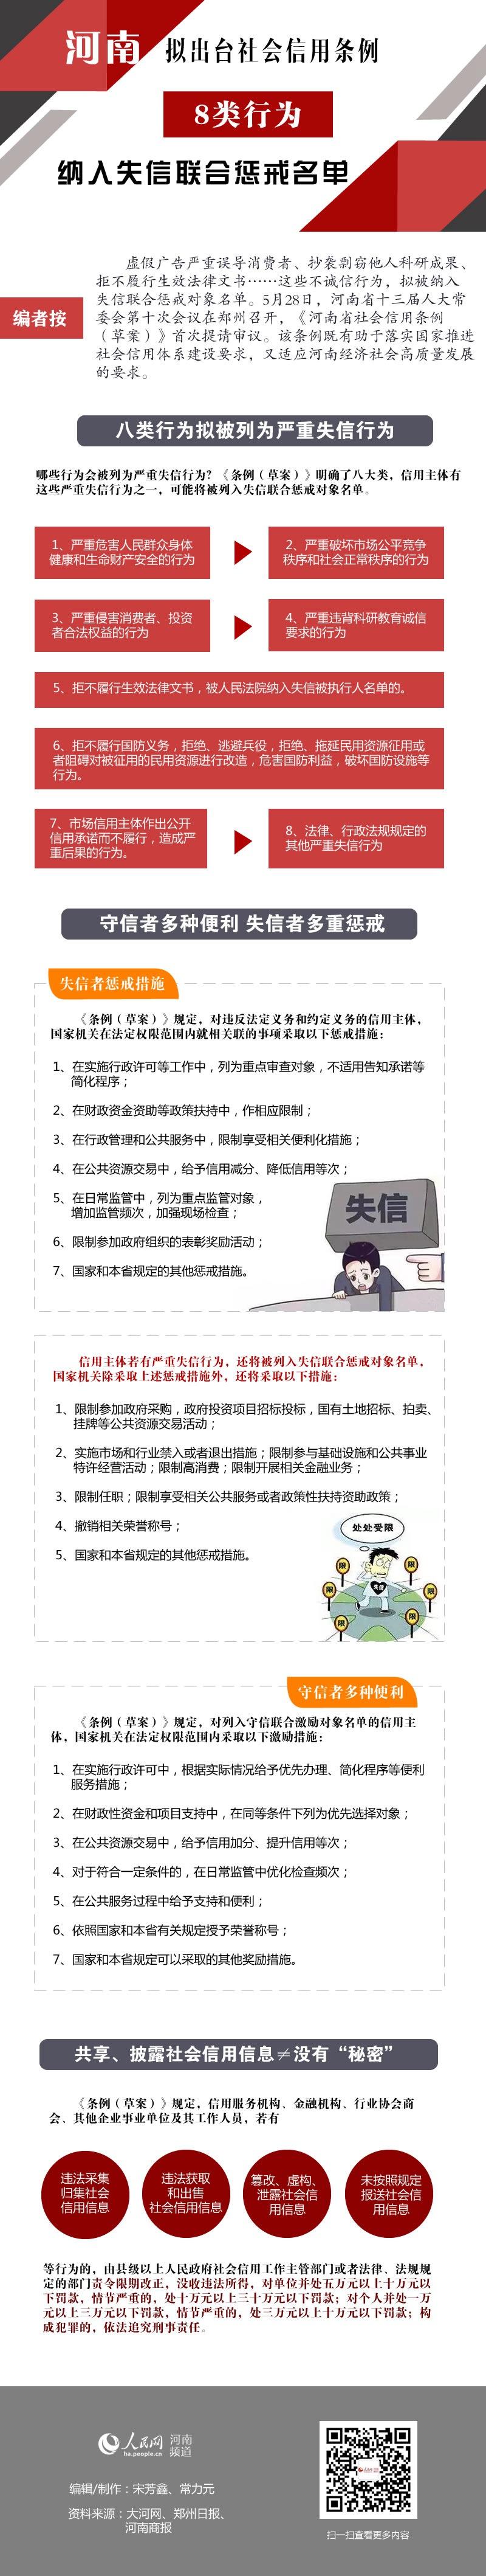 河南拟出台新规 这8类失信行为或将被联合惩戒